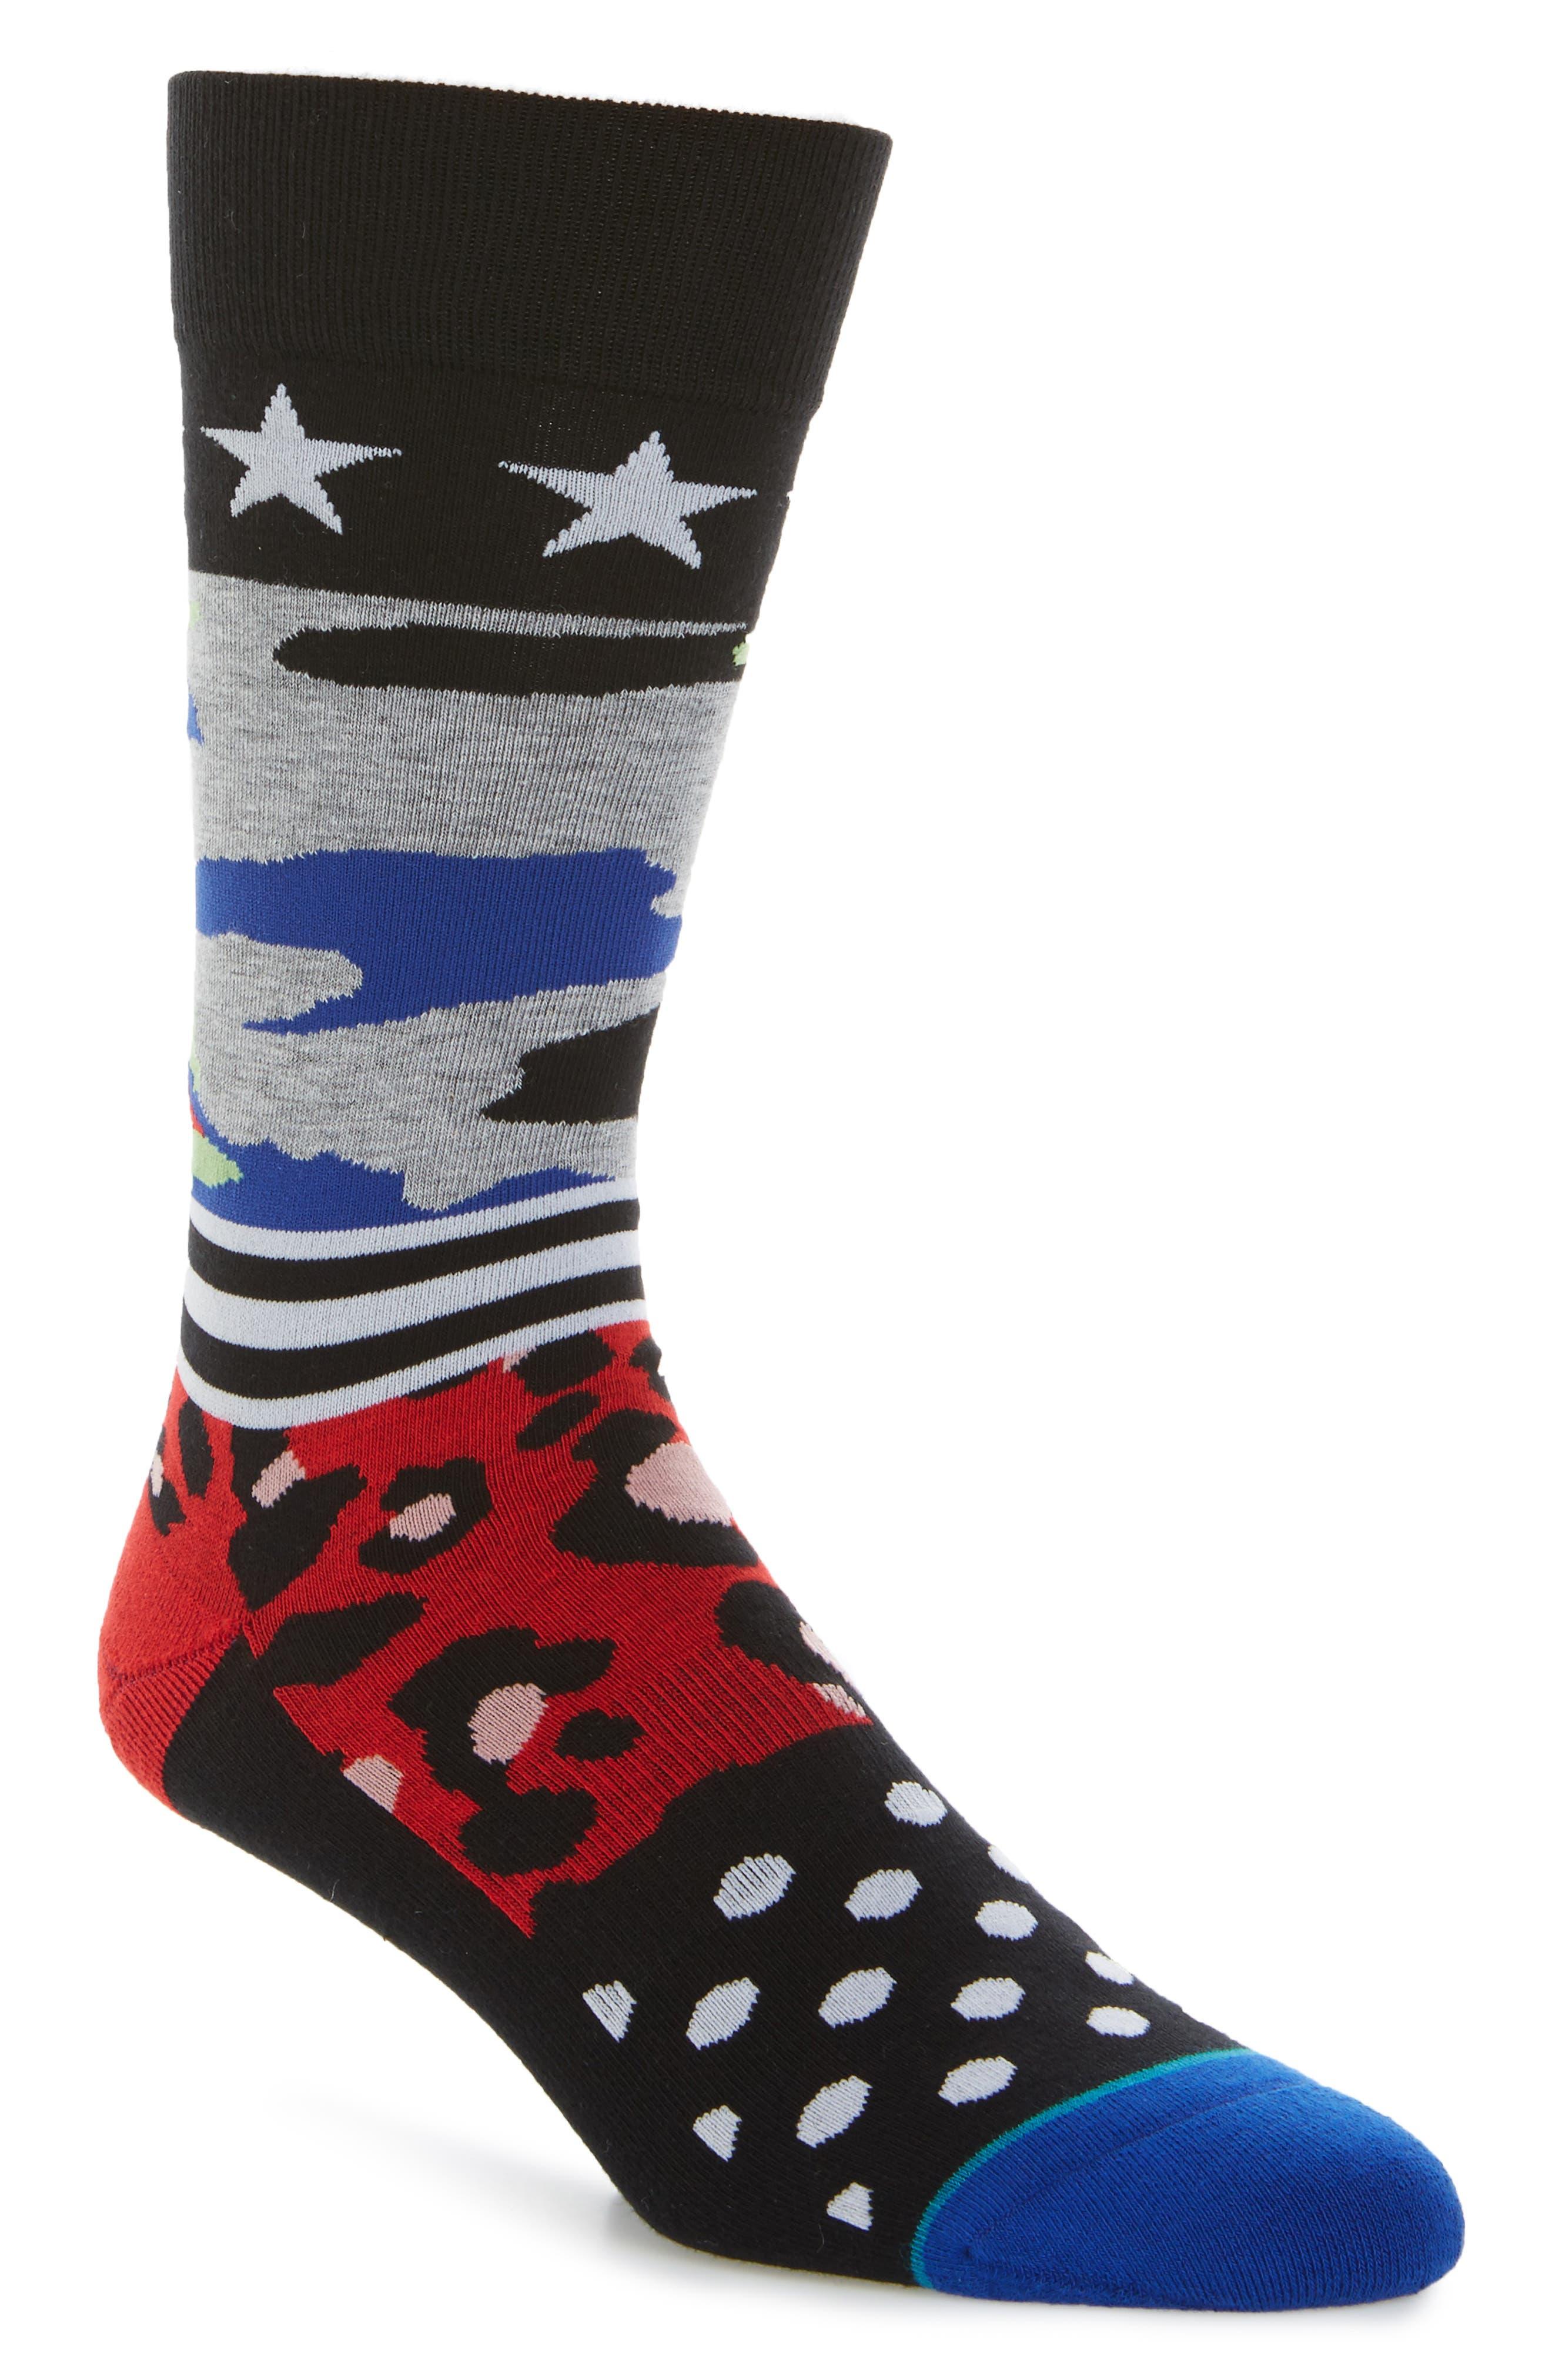 STANCE Harden Mixer Socks